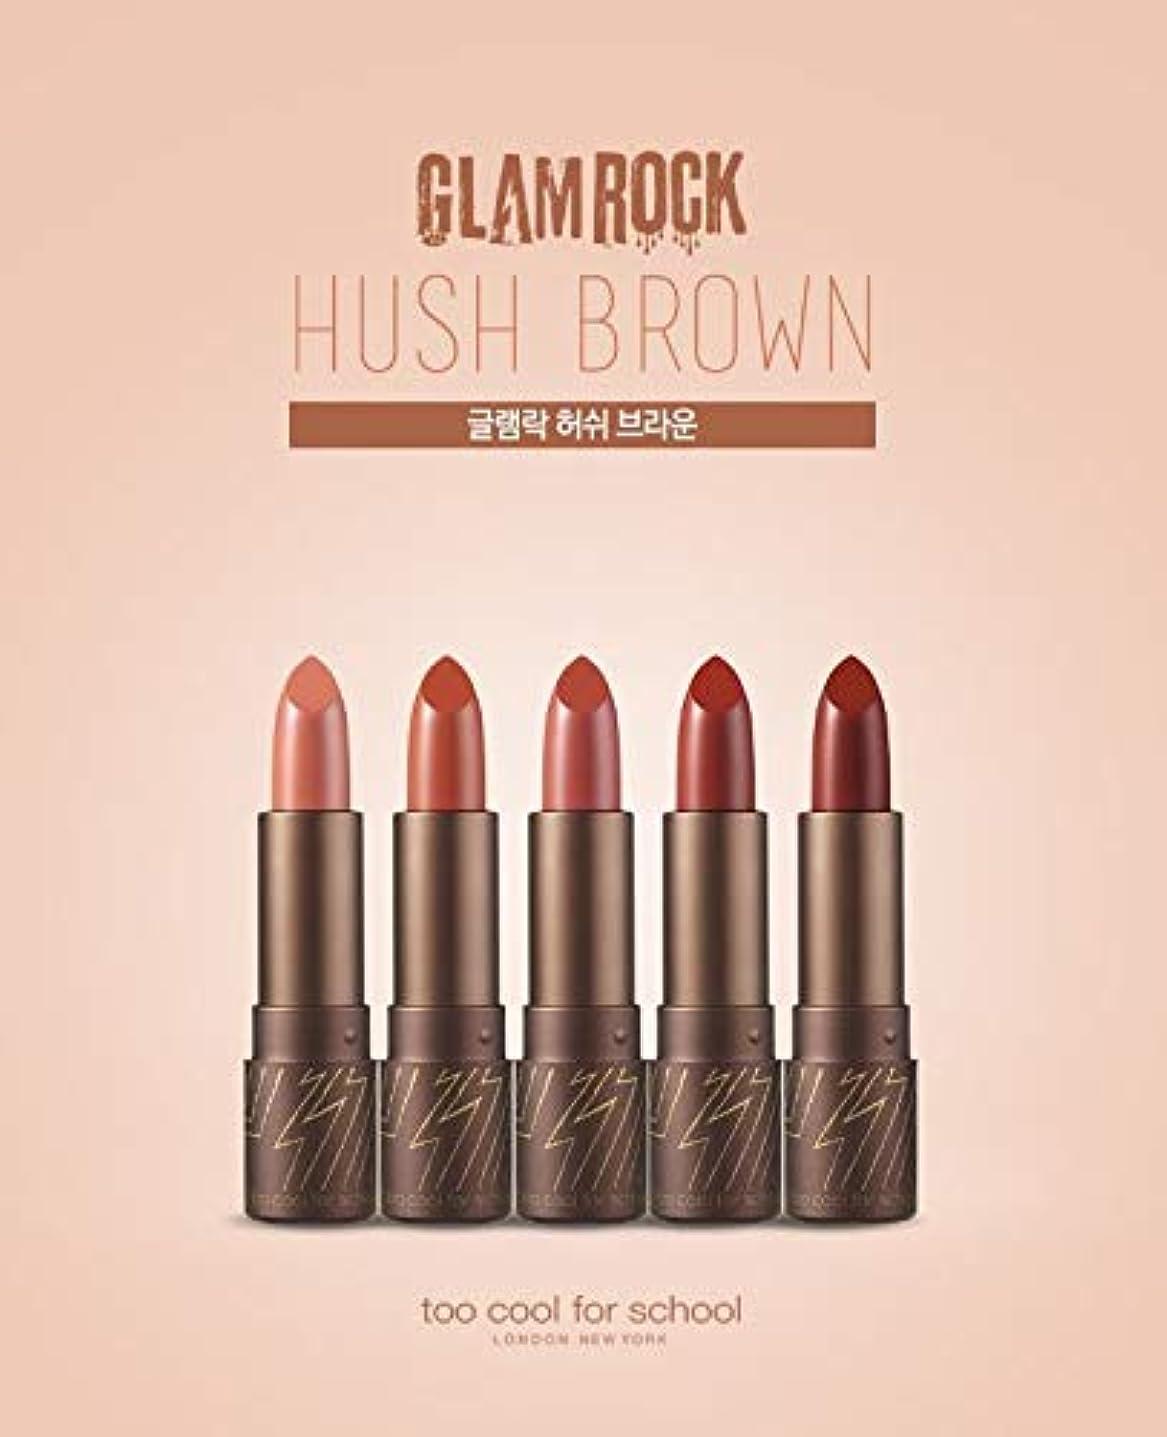 メディック抜け目のない出します[too cool for school] GLAMROCK Hush Brown 4.2g /グルレムラクハーシーブラウン (3号 Moderate/モドレート) [並行輸入品]